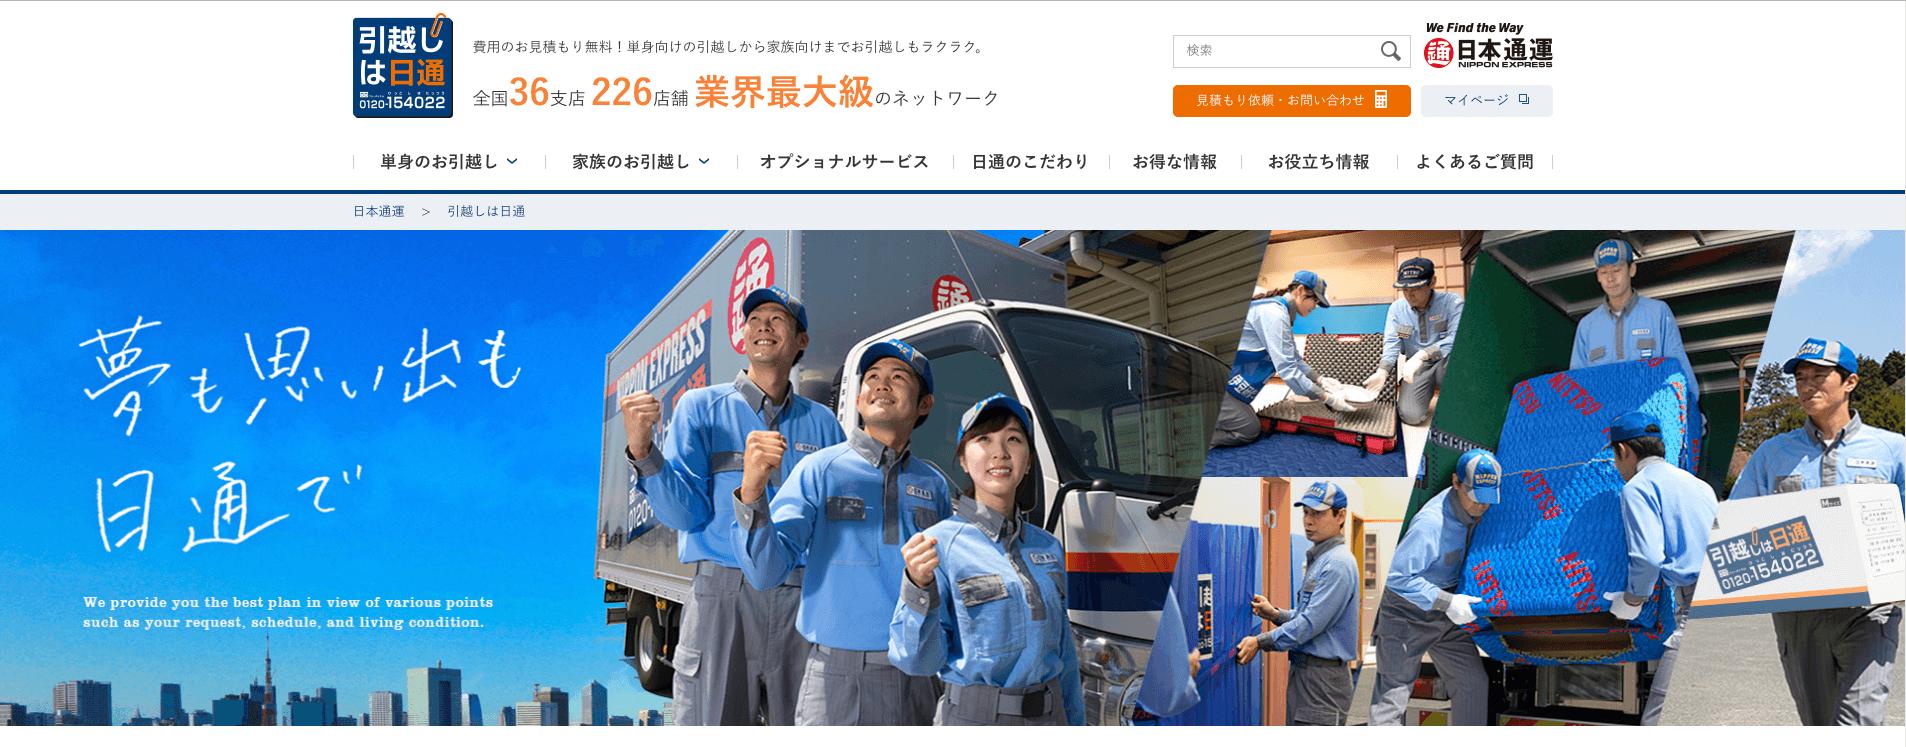 日本通運 公式ページ